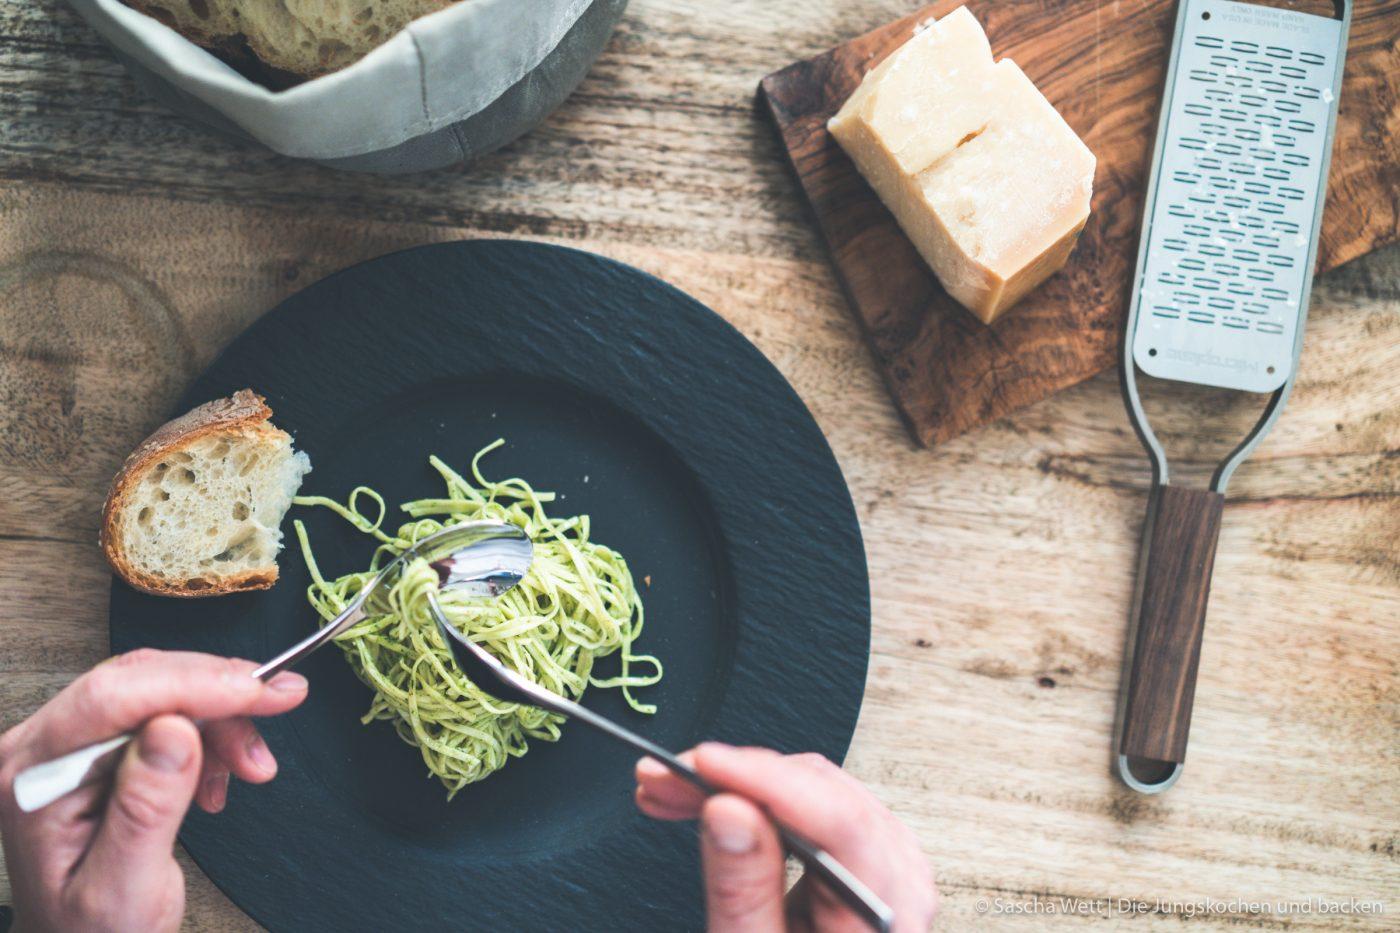 Spaghetti auf Teller. Spaghetti werden mit Gabel und Löffel aufgerollt